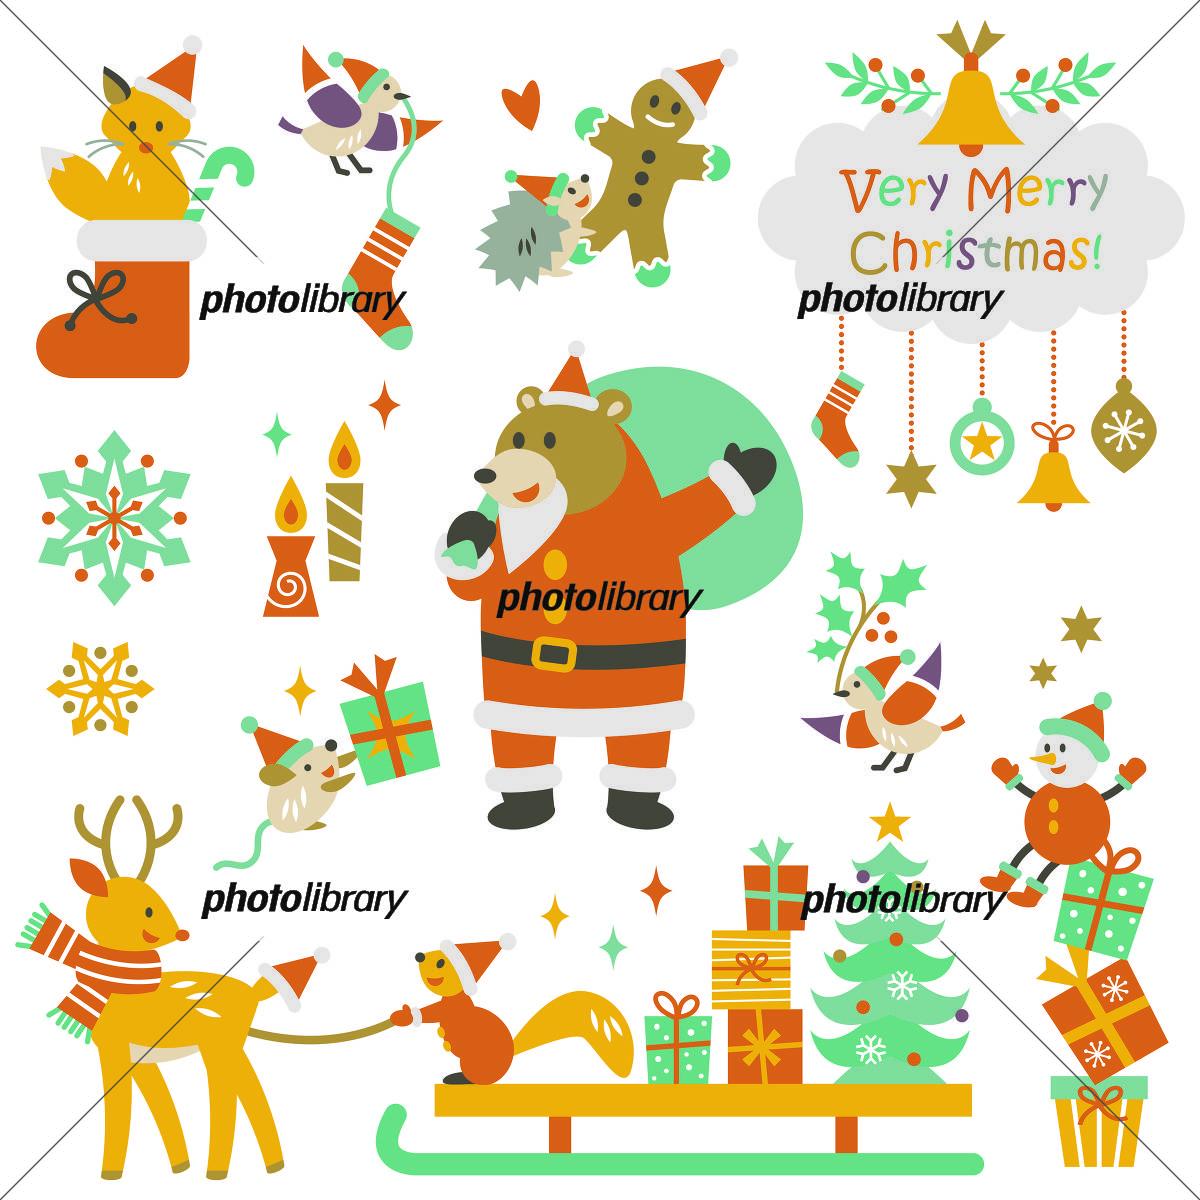 ヘタリア クリスマス イラスト